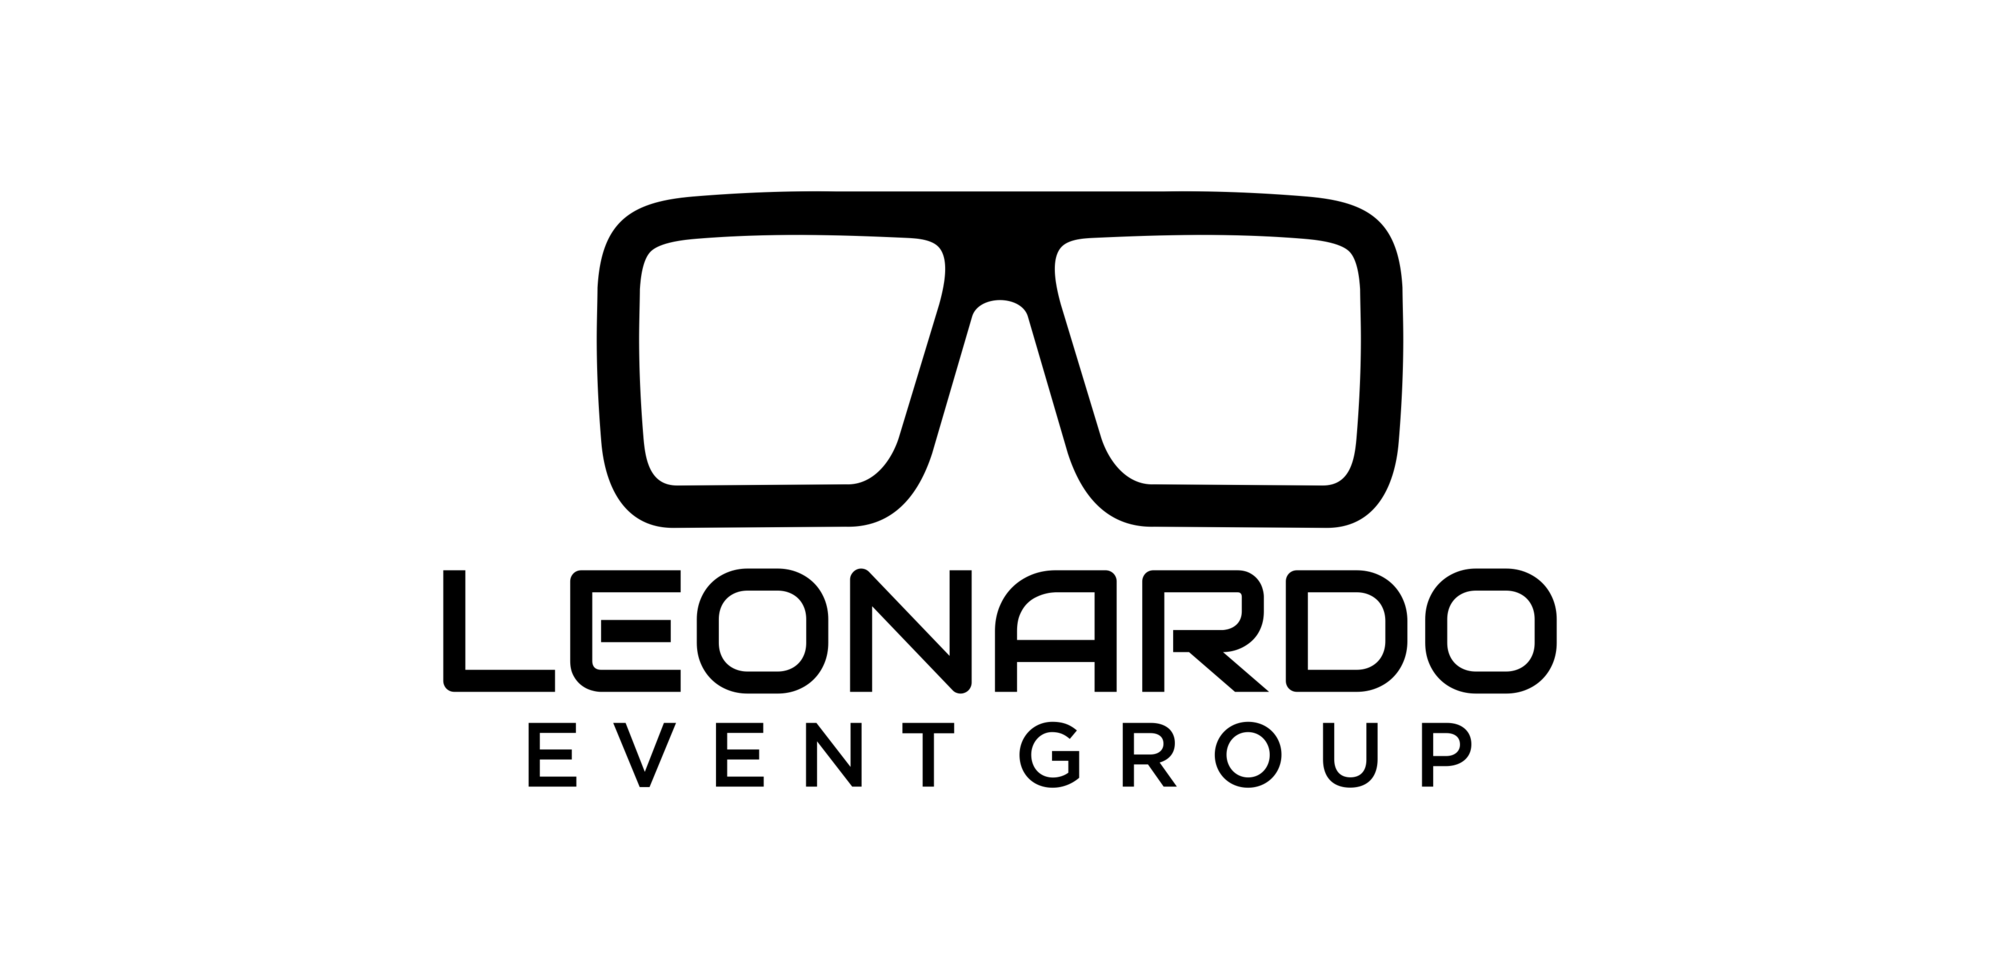 Leonardo Event Group Logo